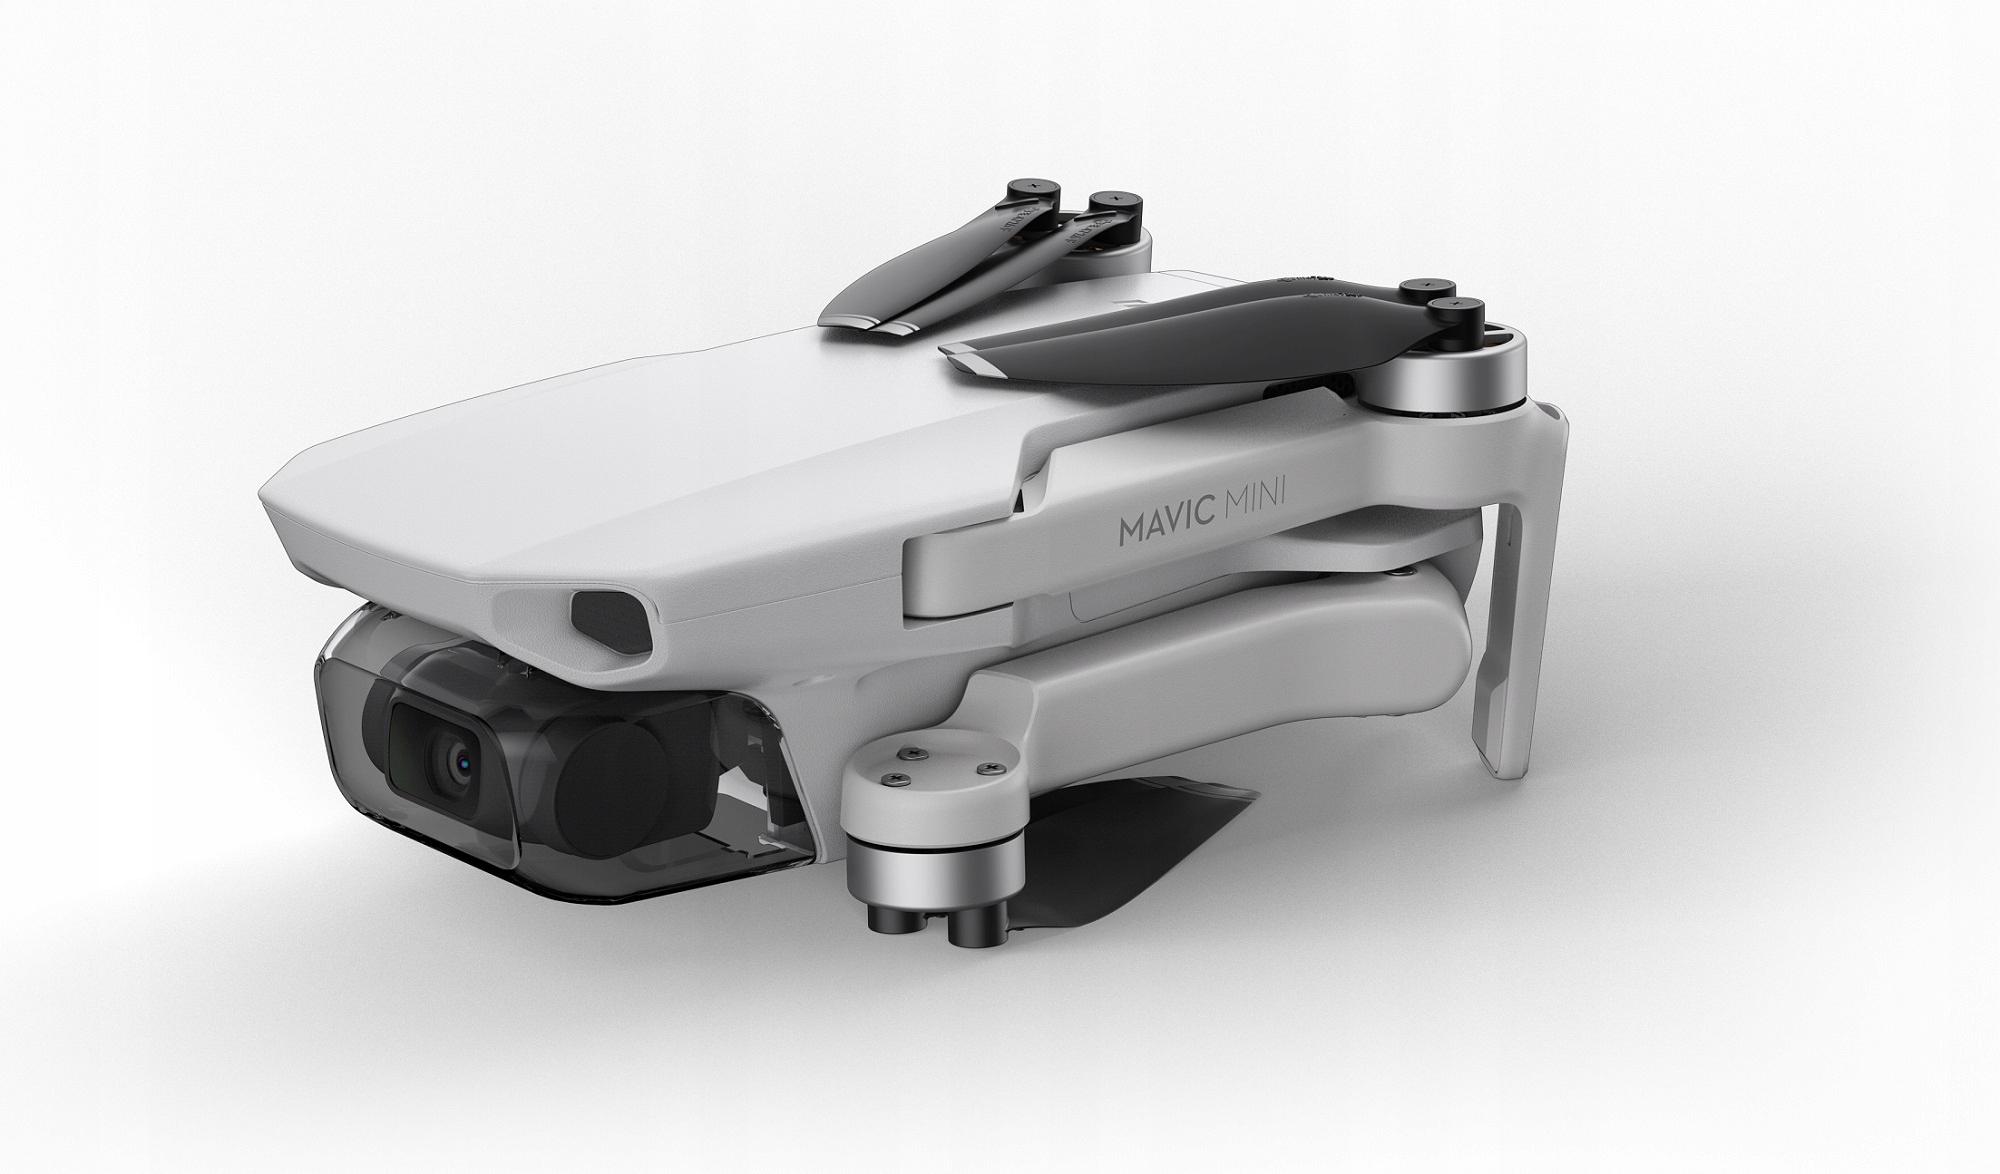 dron dji mavic mini zlozony